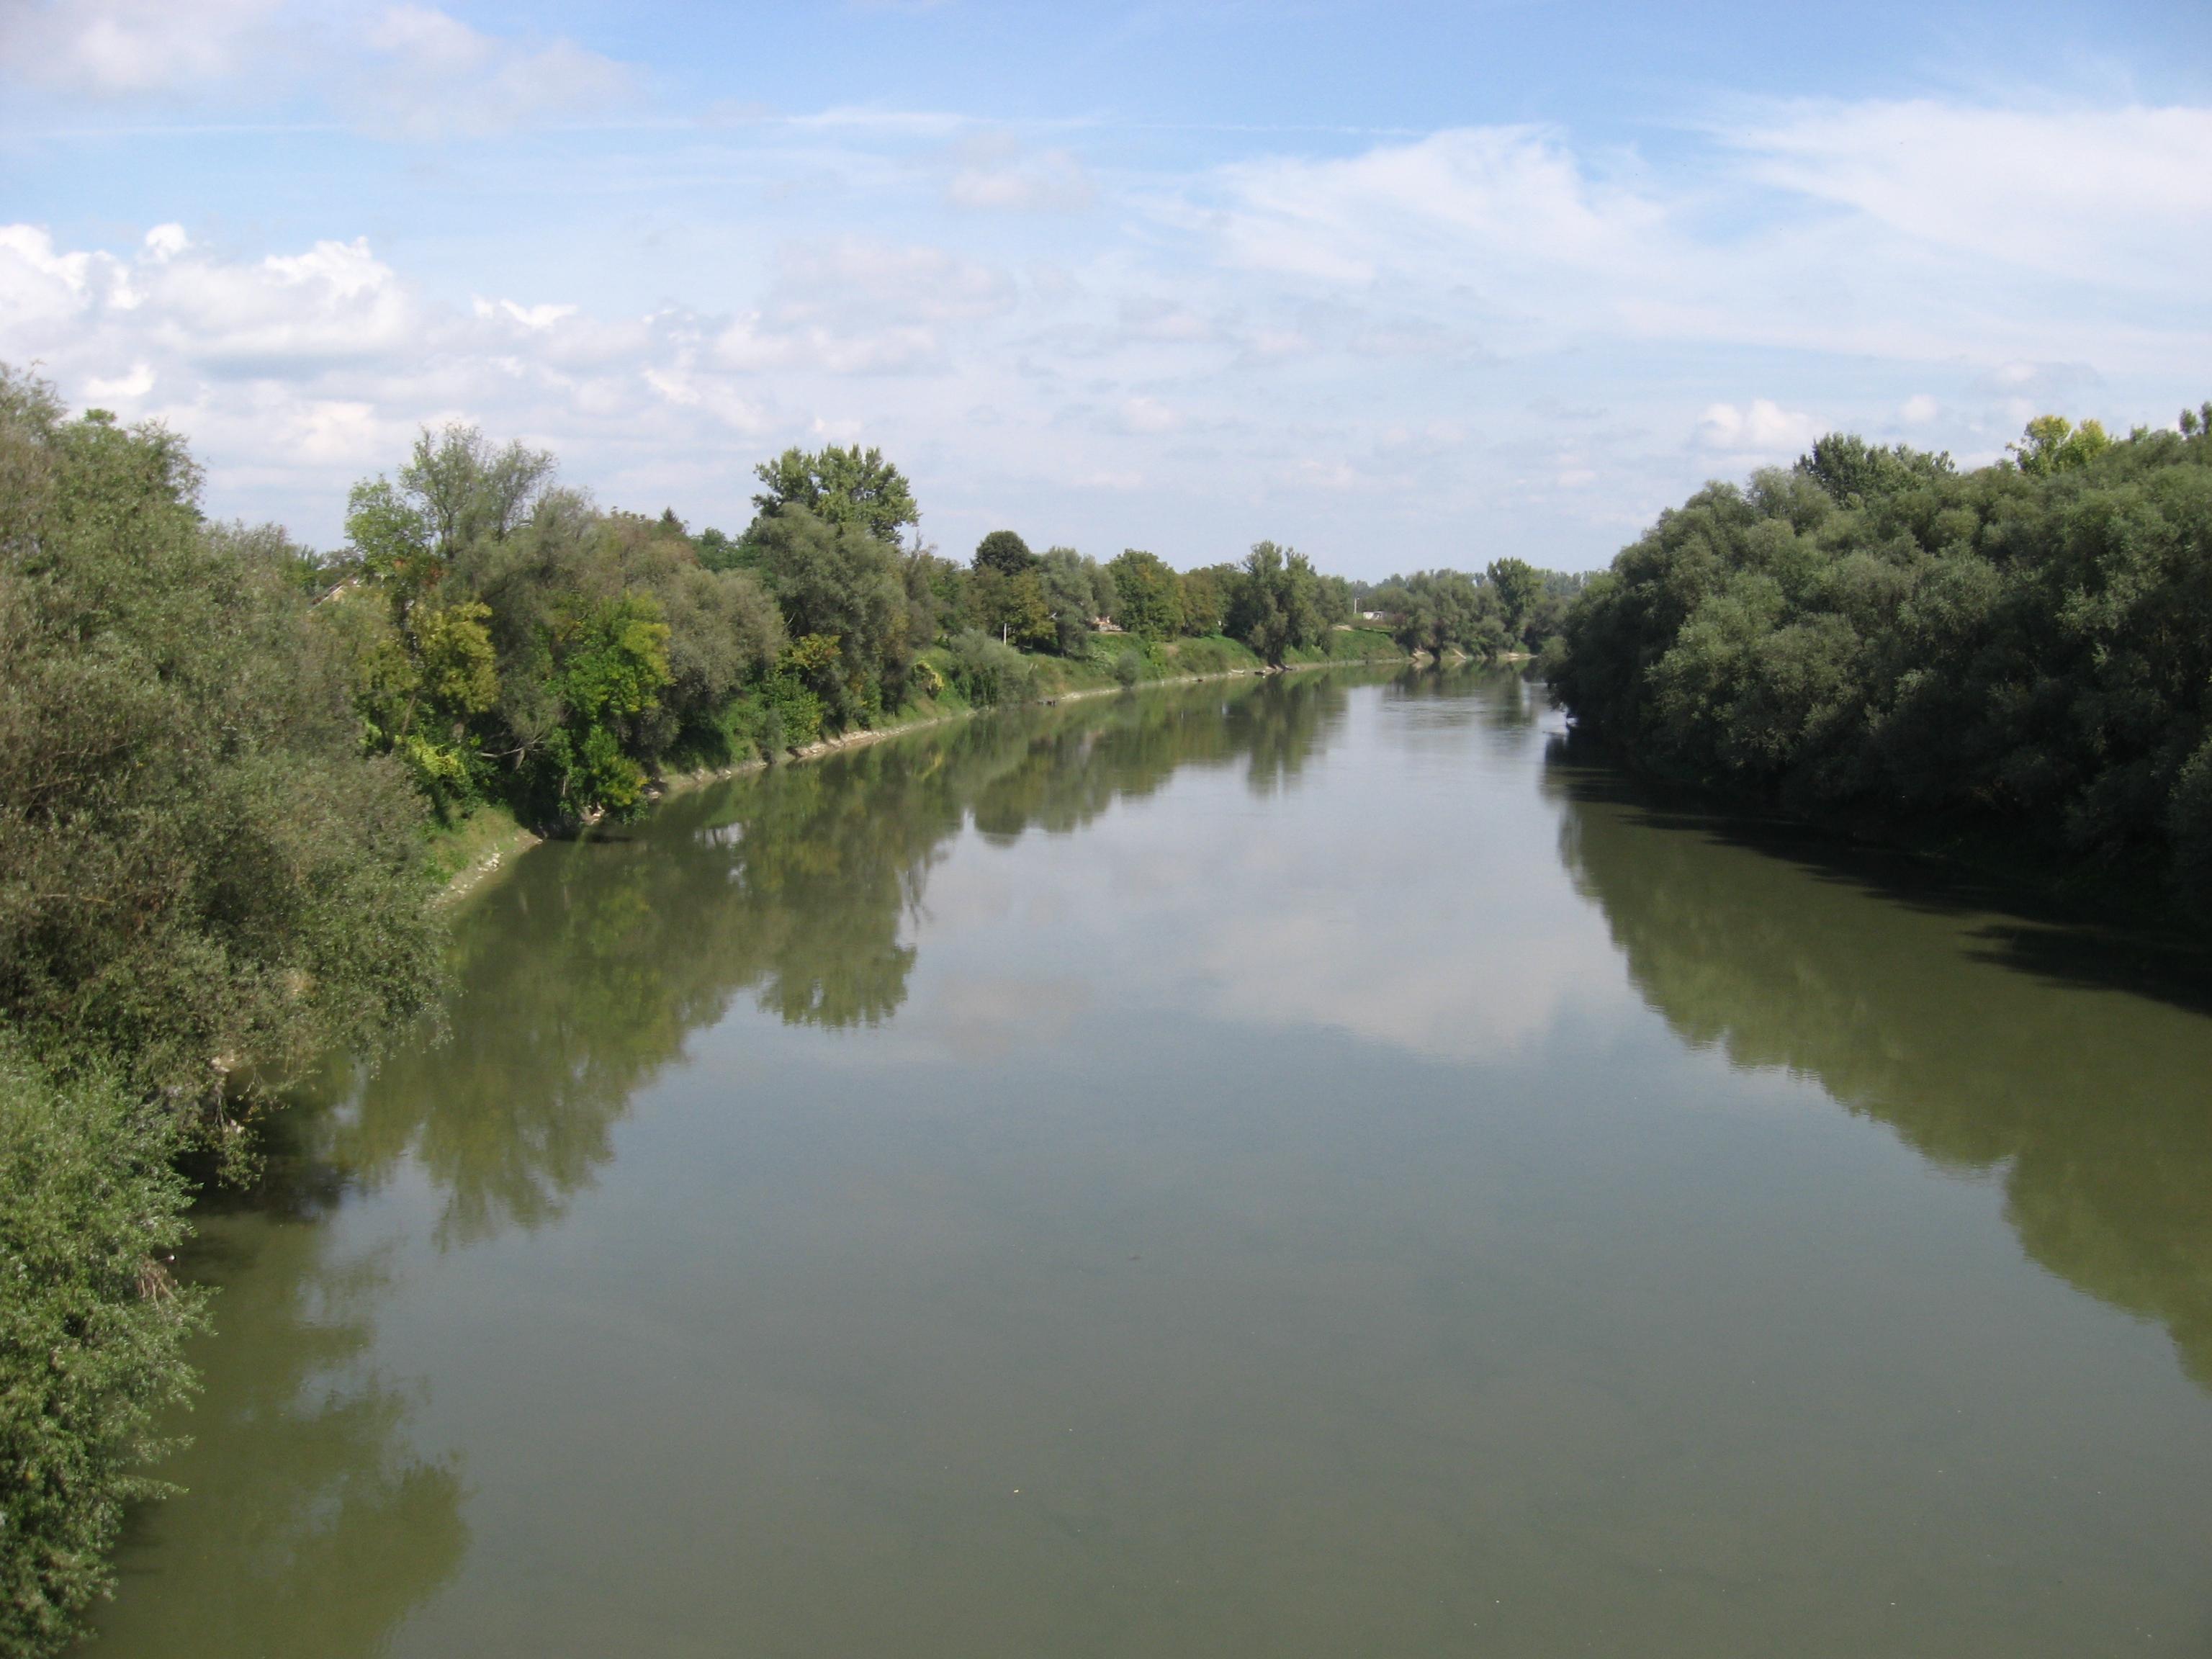 File:Sava in Sisak.jpg - Wikimedia Commons